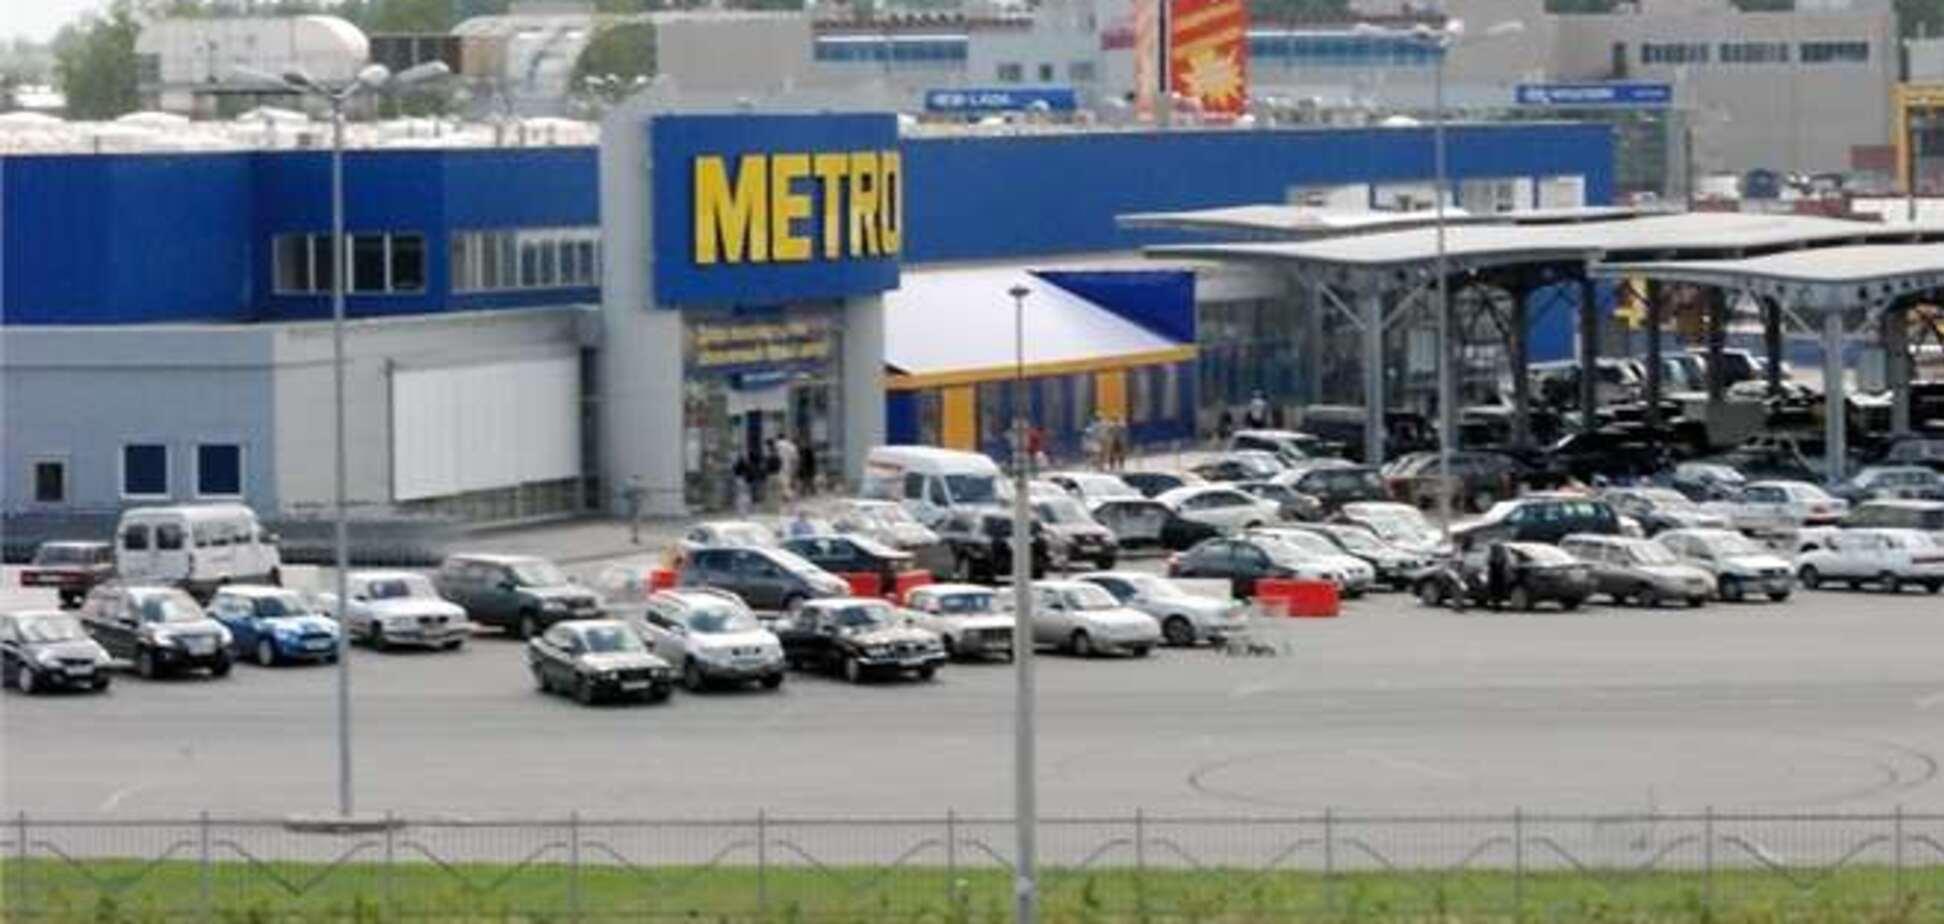 Из-за низких показателей сеть METRO может уйти с украинского рынка